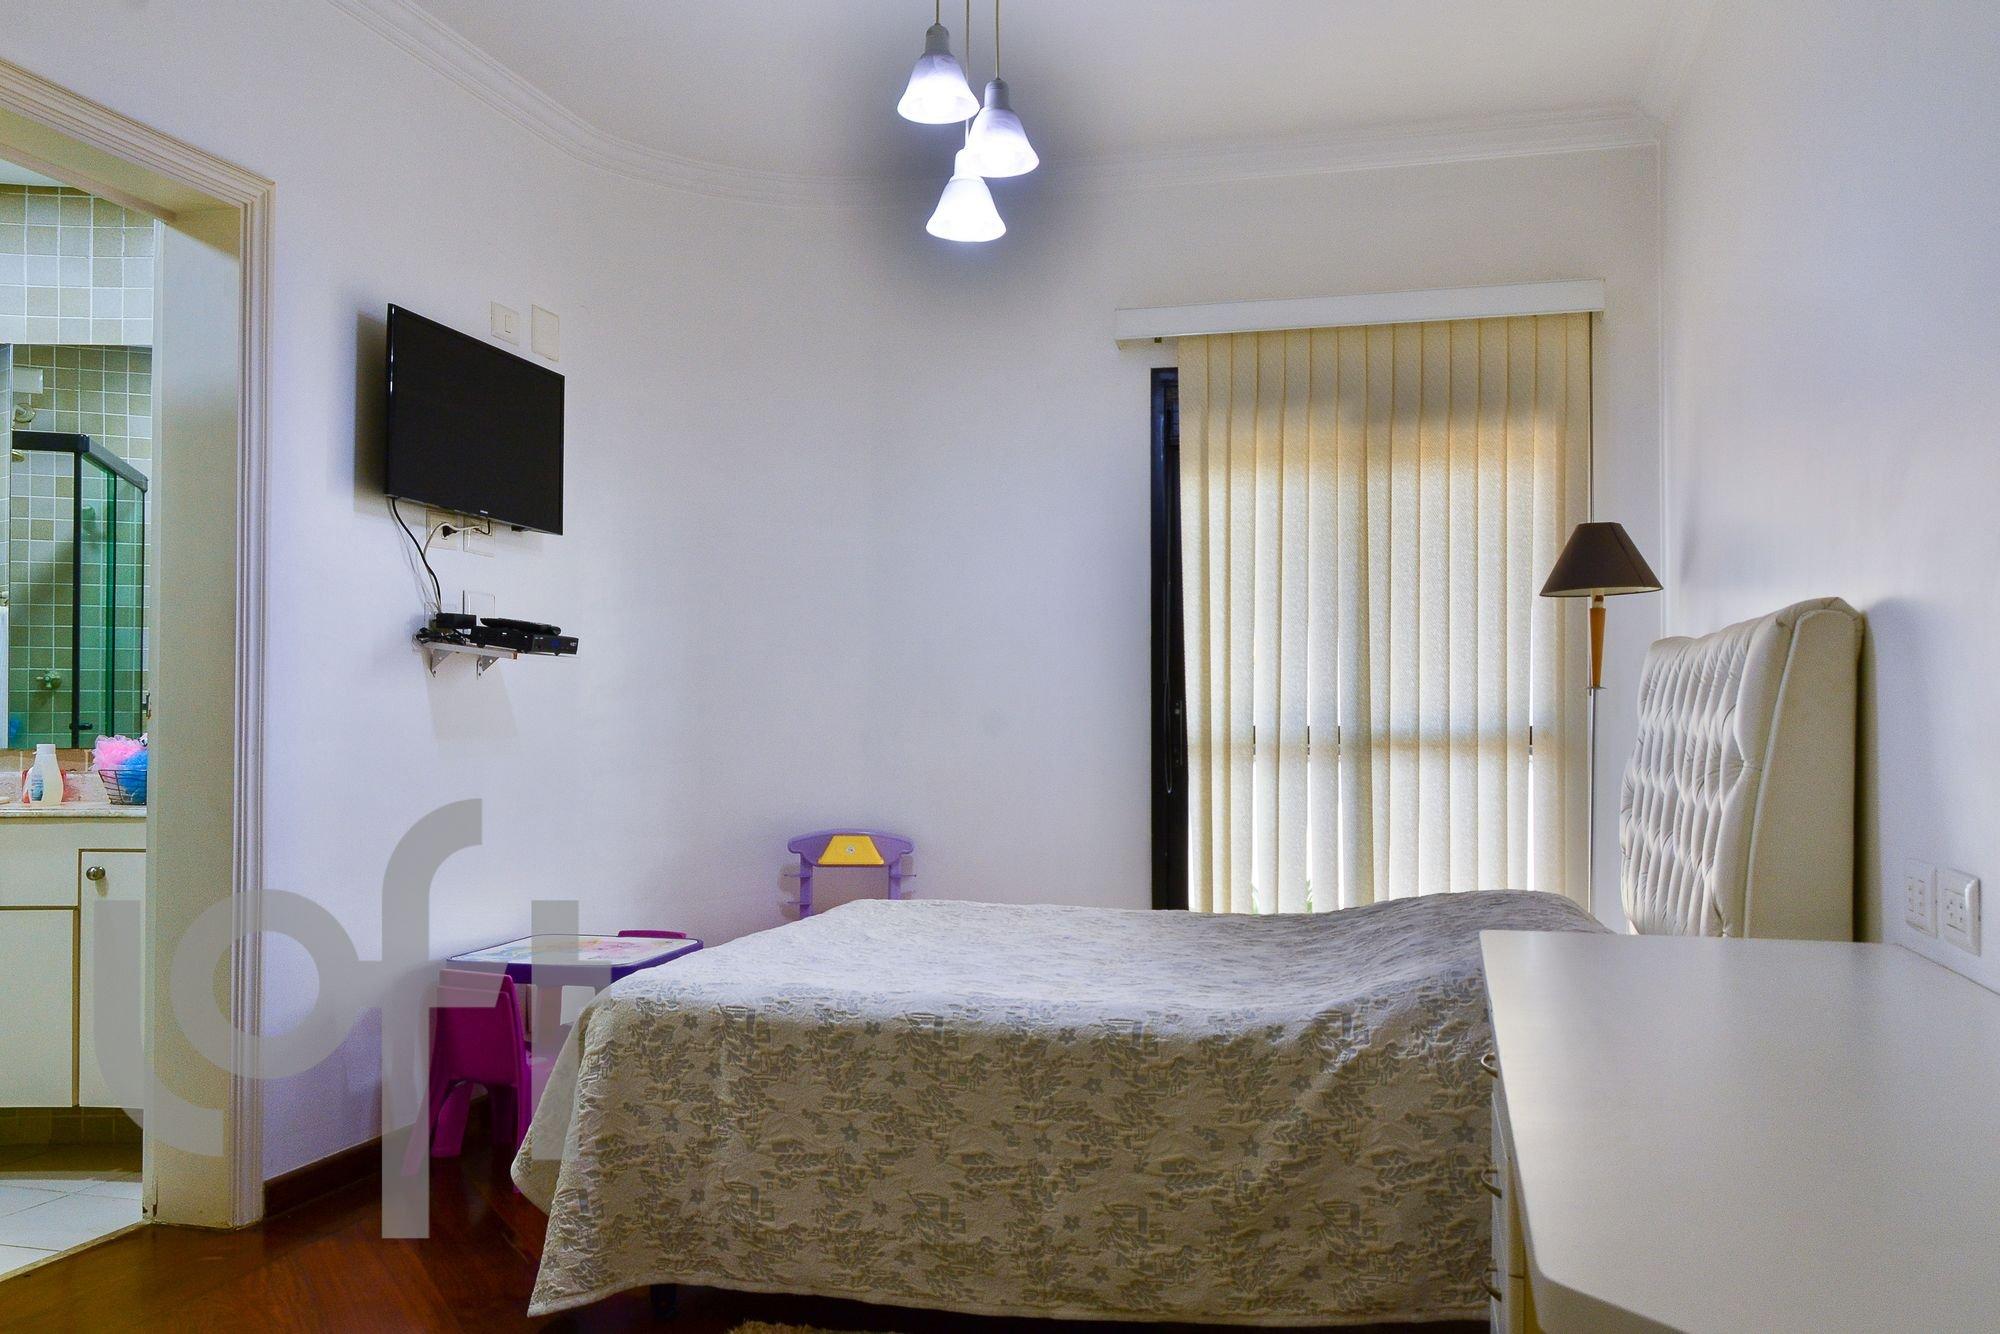 Foto de Sala com cama, televisão, cadeira, mesa de jantar